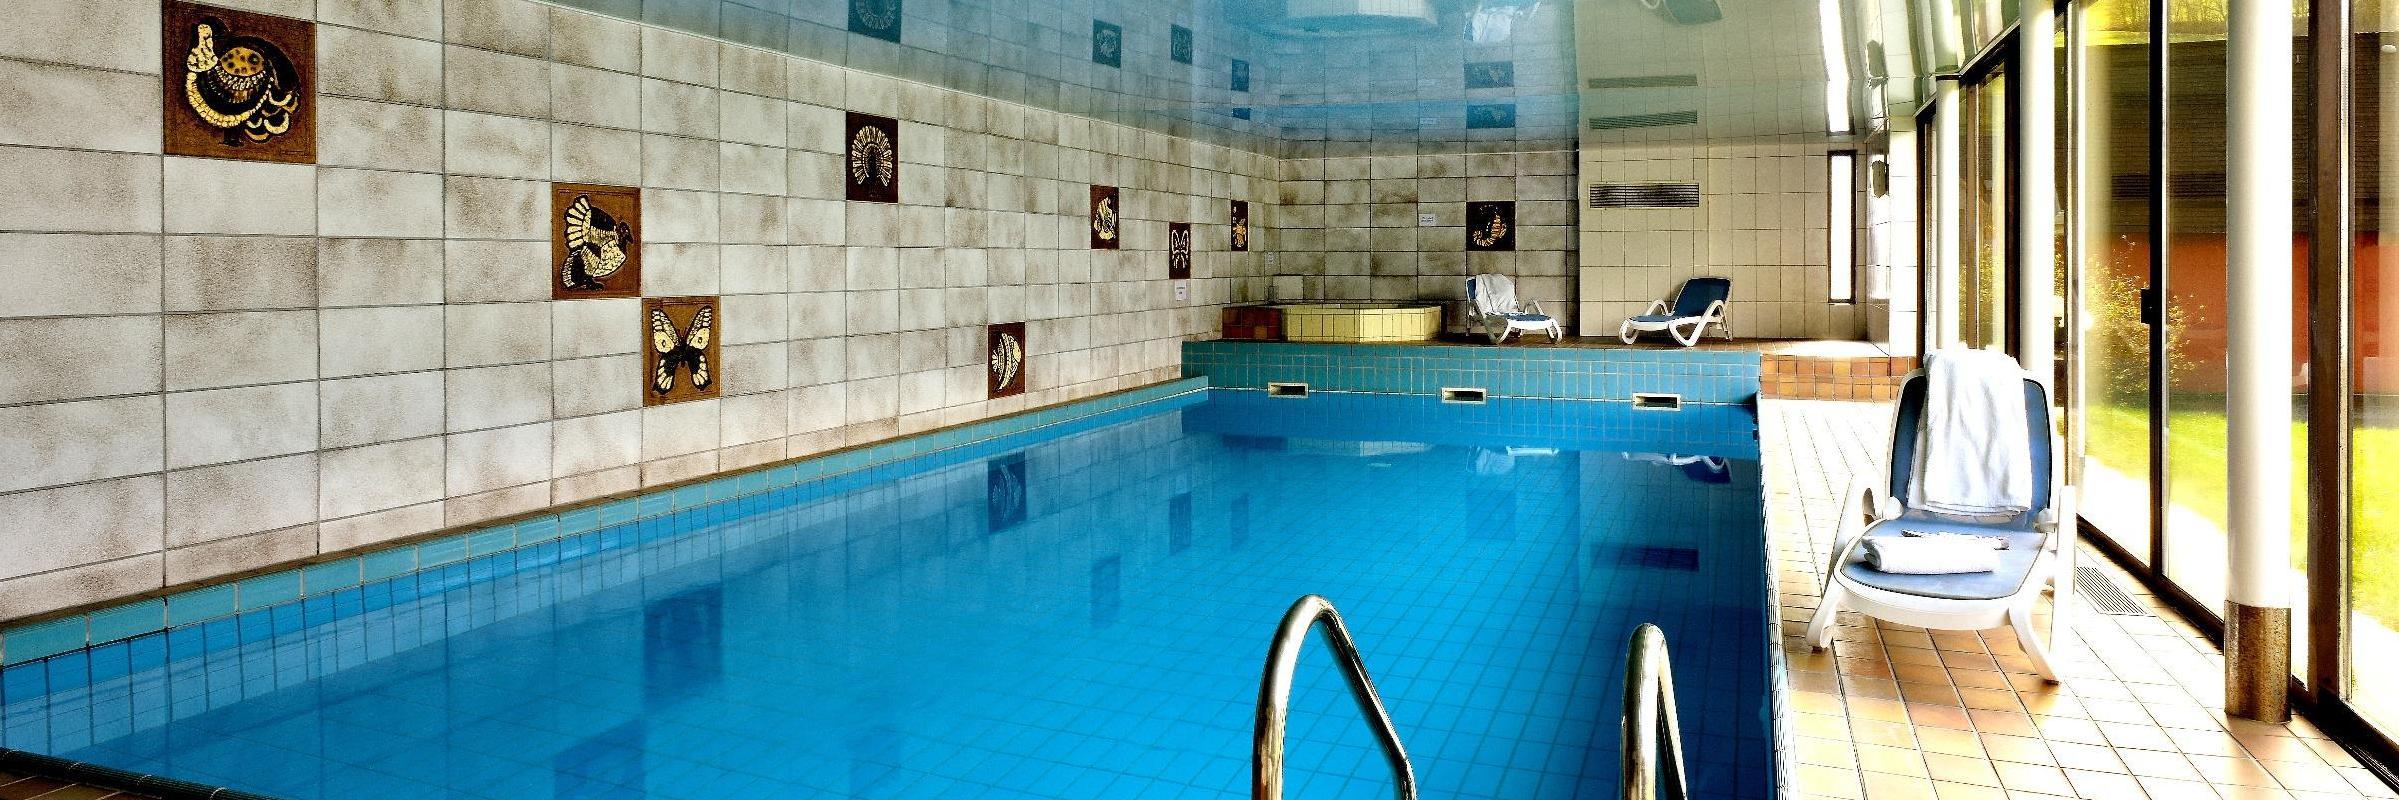 Hostellerie motel au bois le sire h tel logis orbey for Piscine kaysersberg